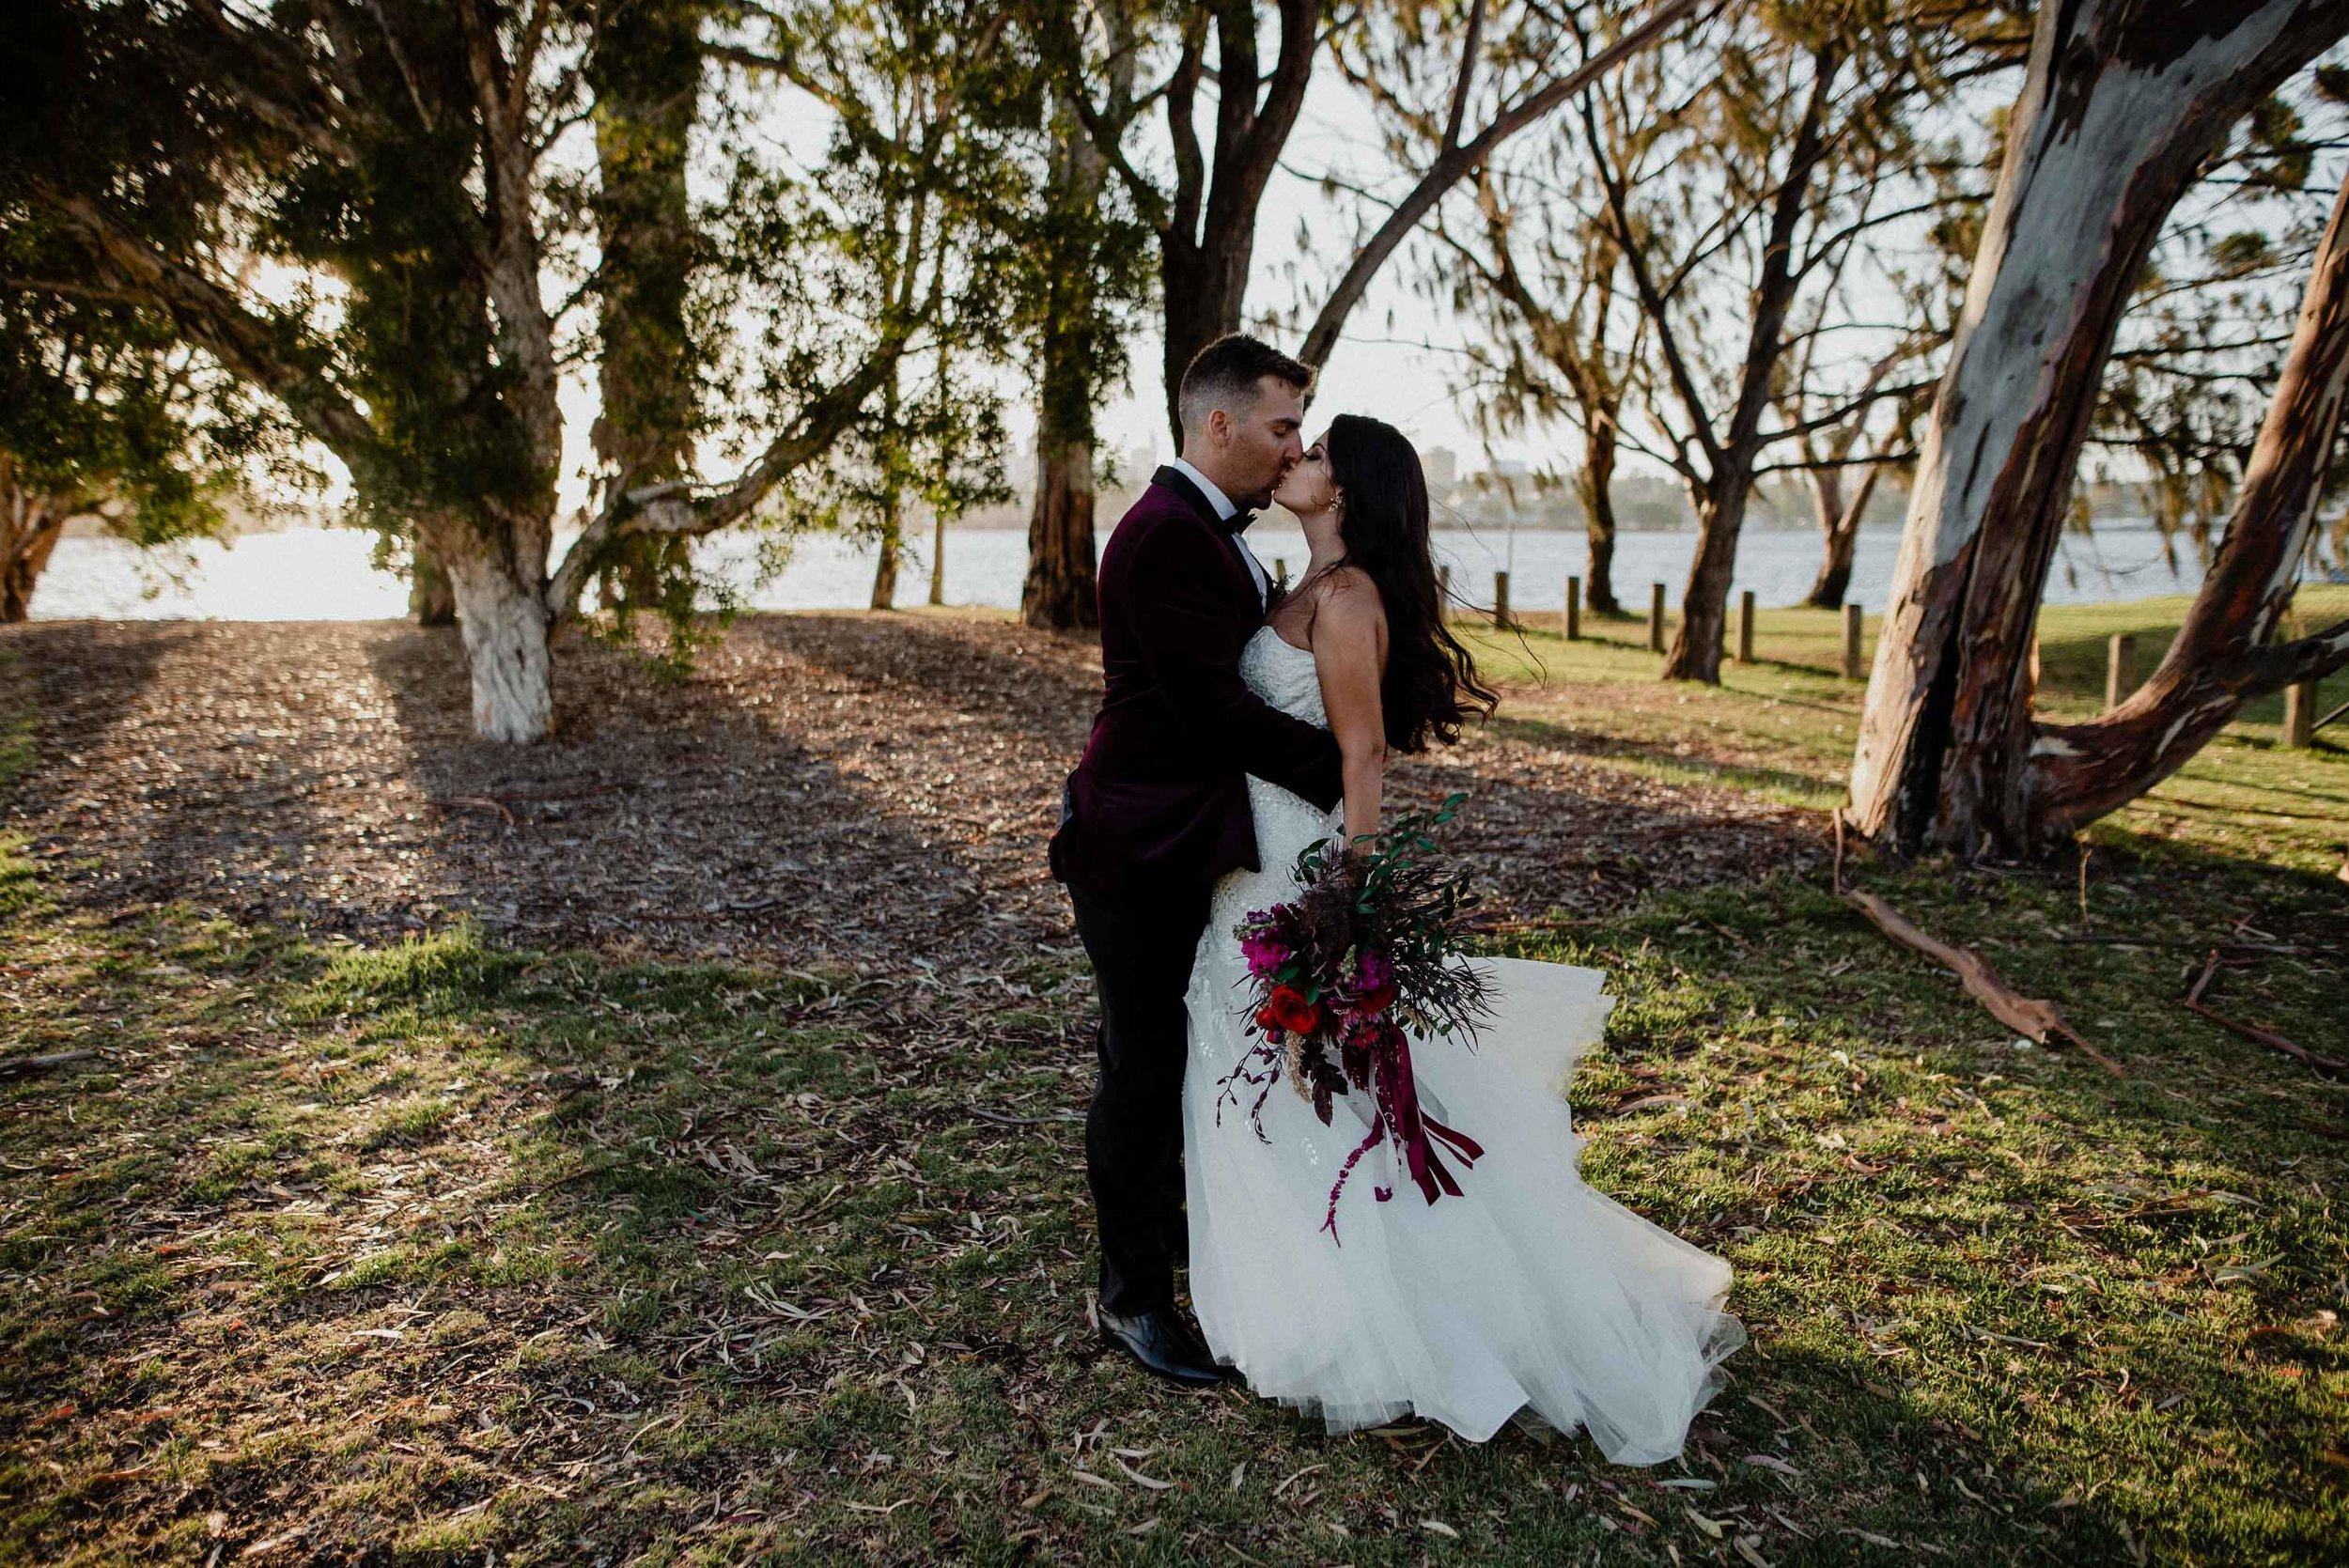 liz-adin-burswood-swan-wedding-sneaks-31.JPG